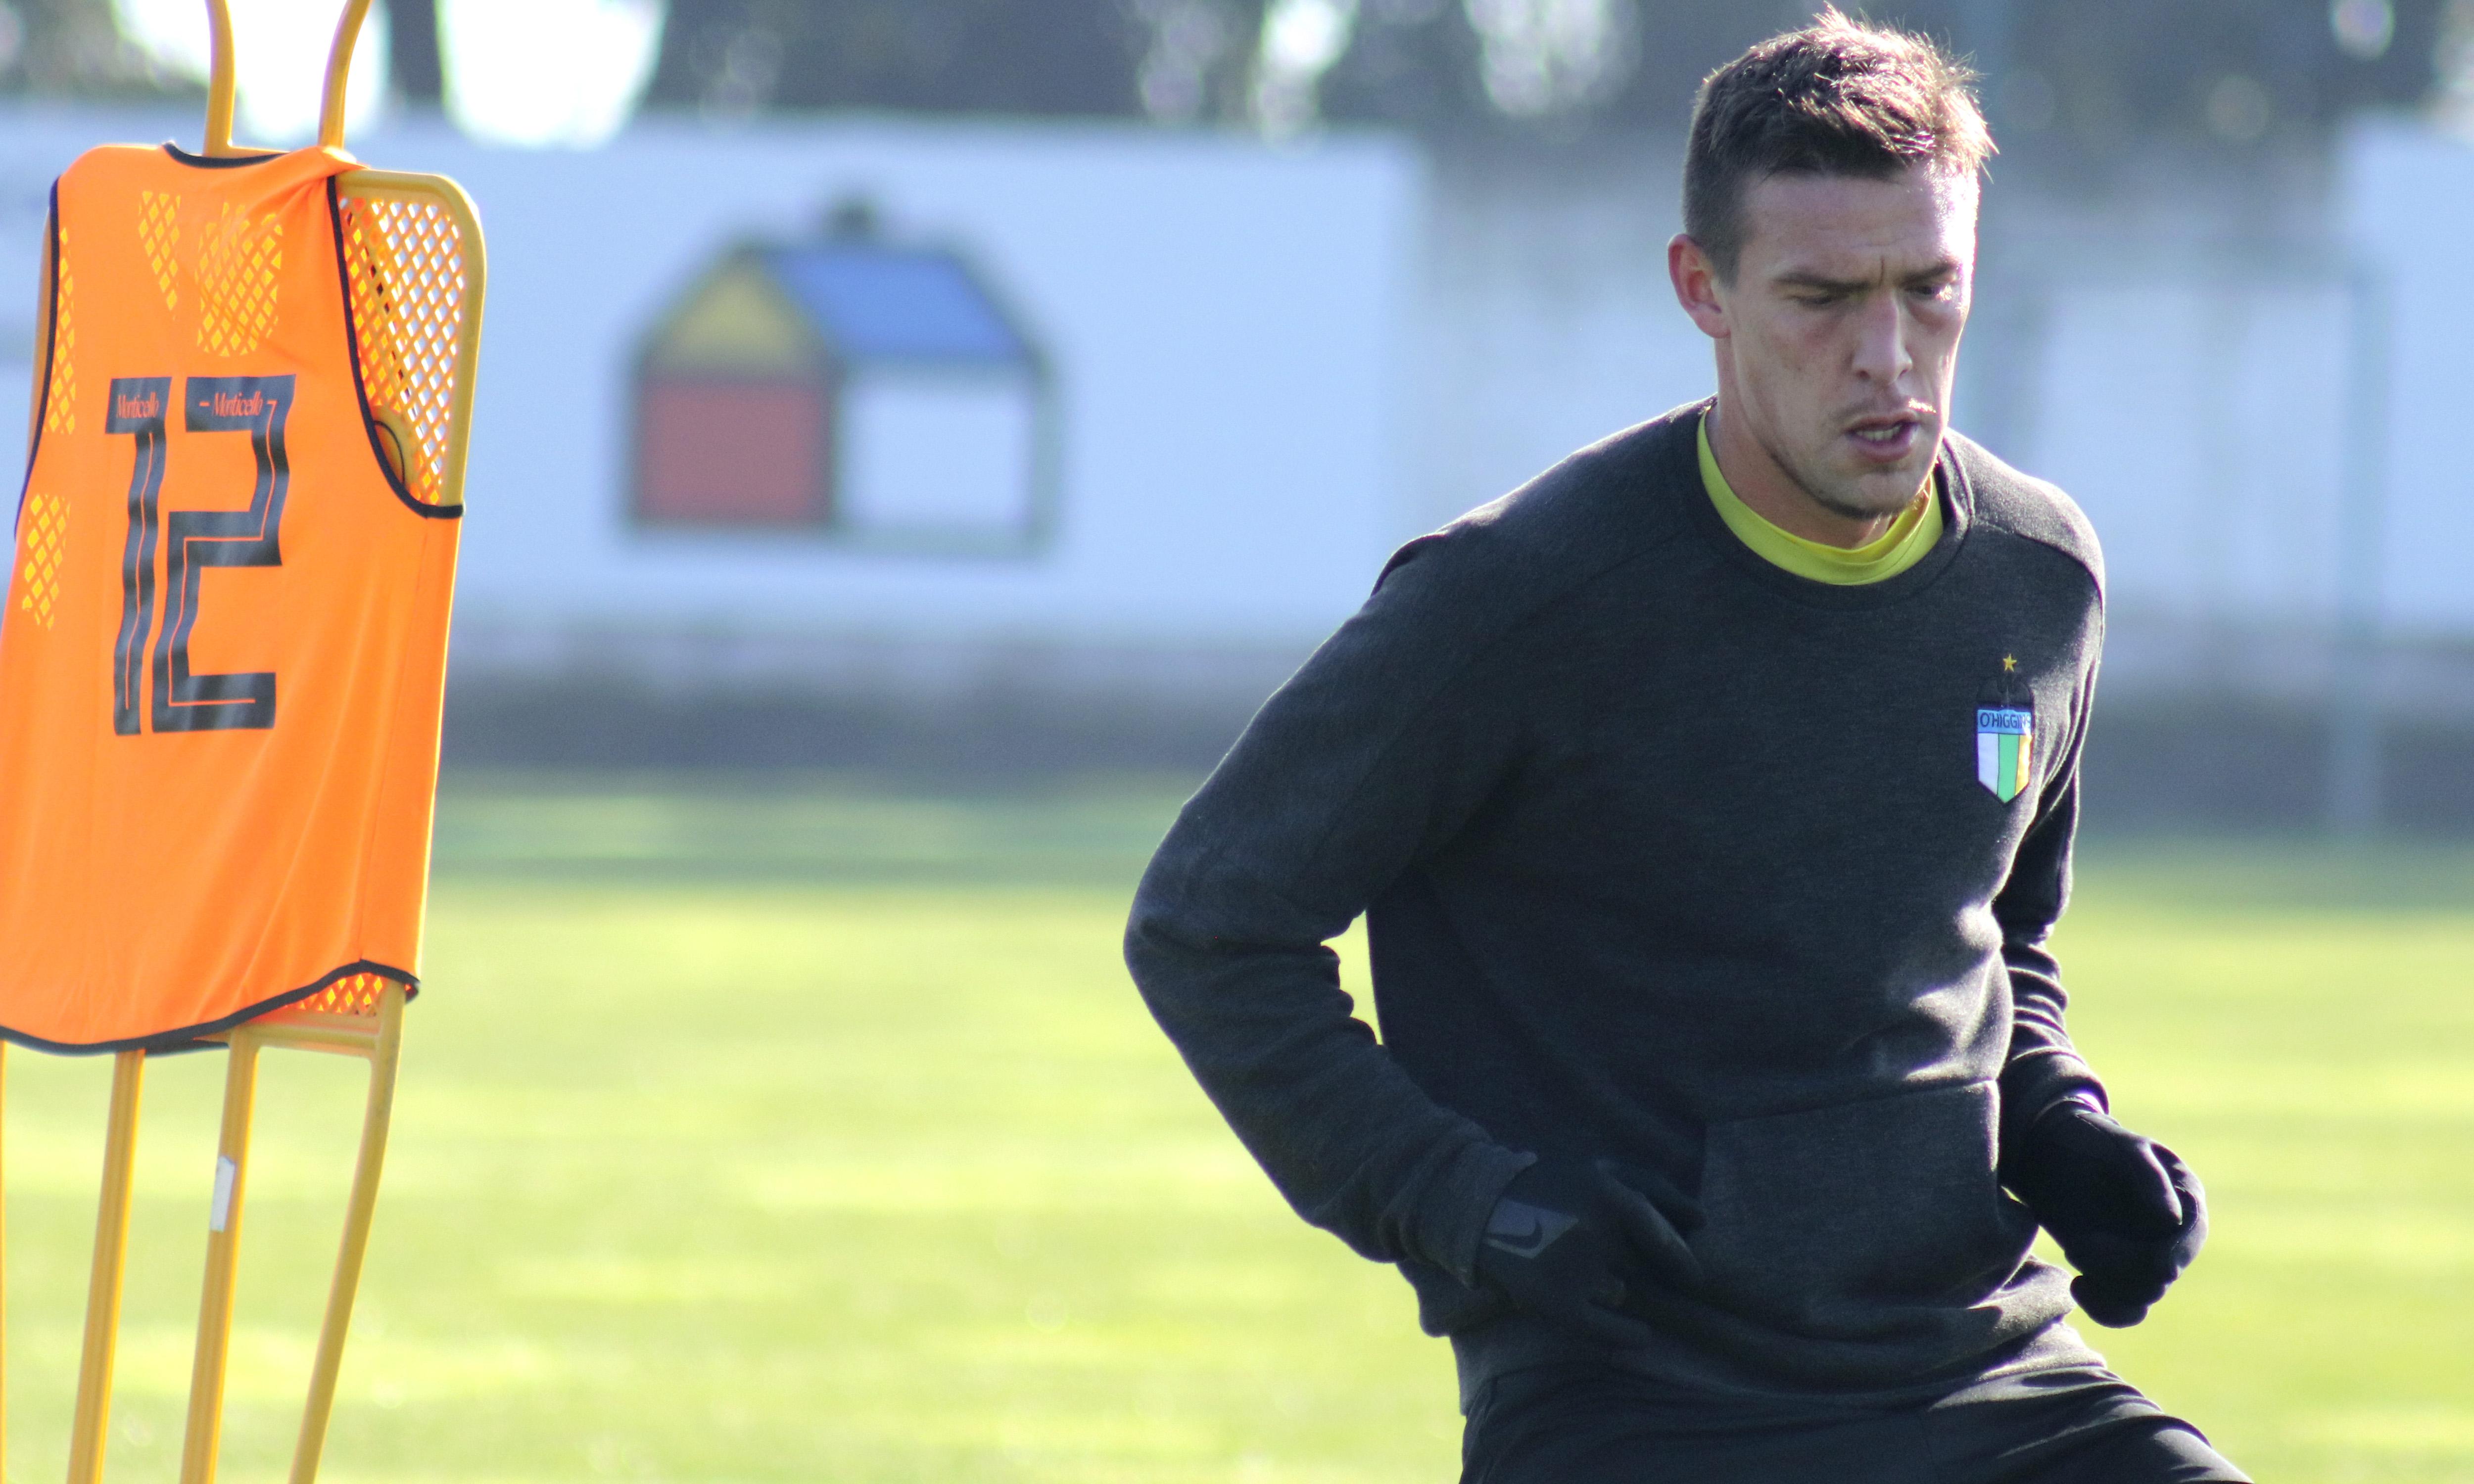 Matías Cahais y la preparación para el torneo: